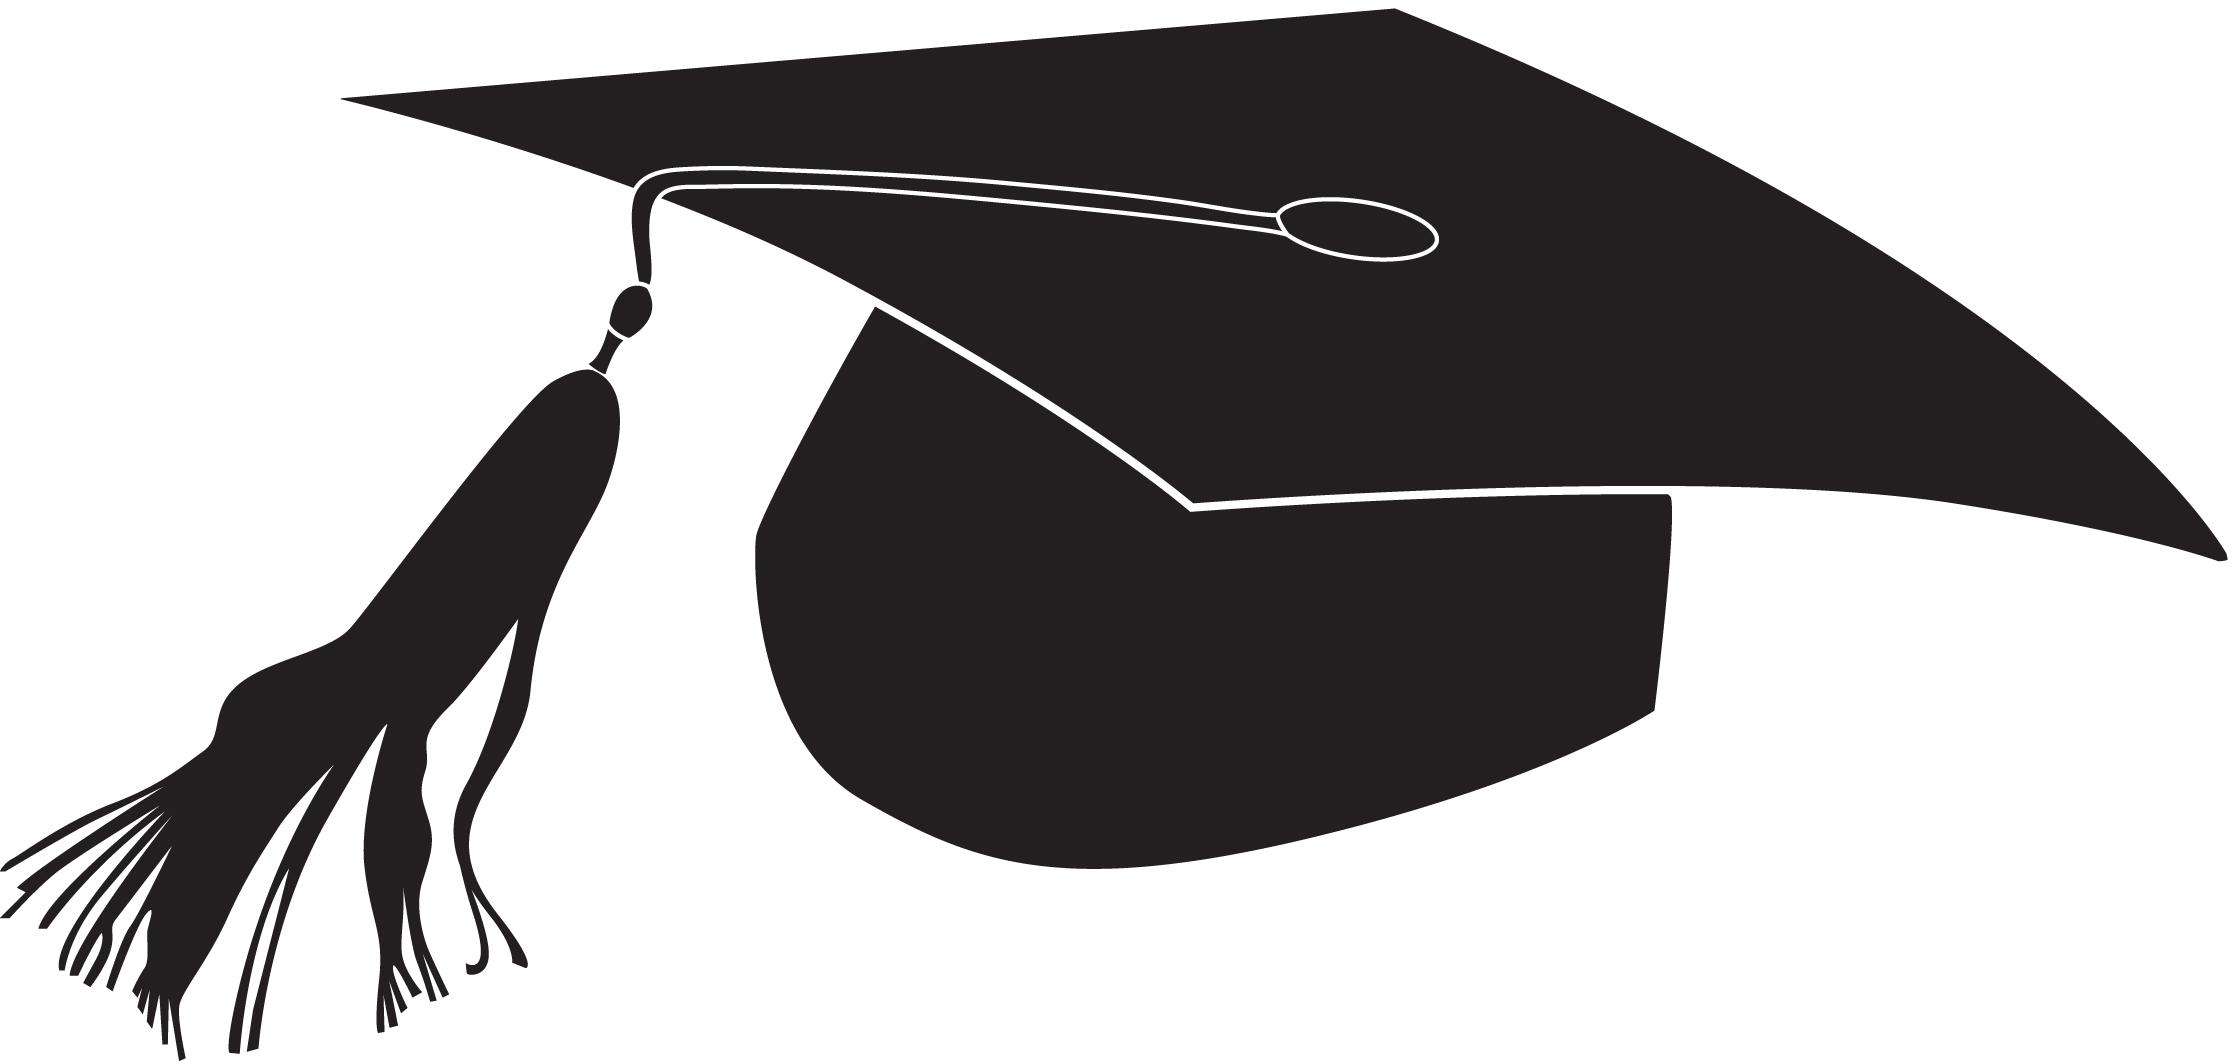 Uniqe graduation symbols clipart